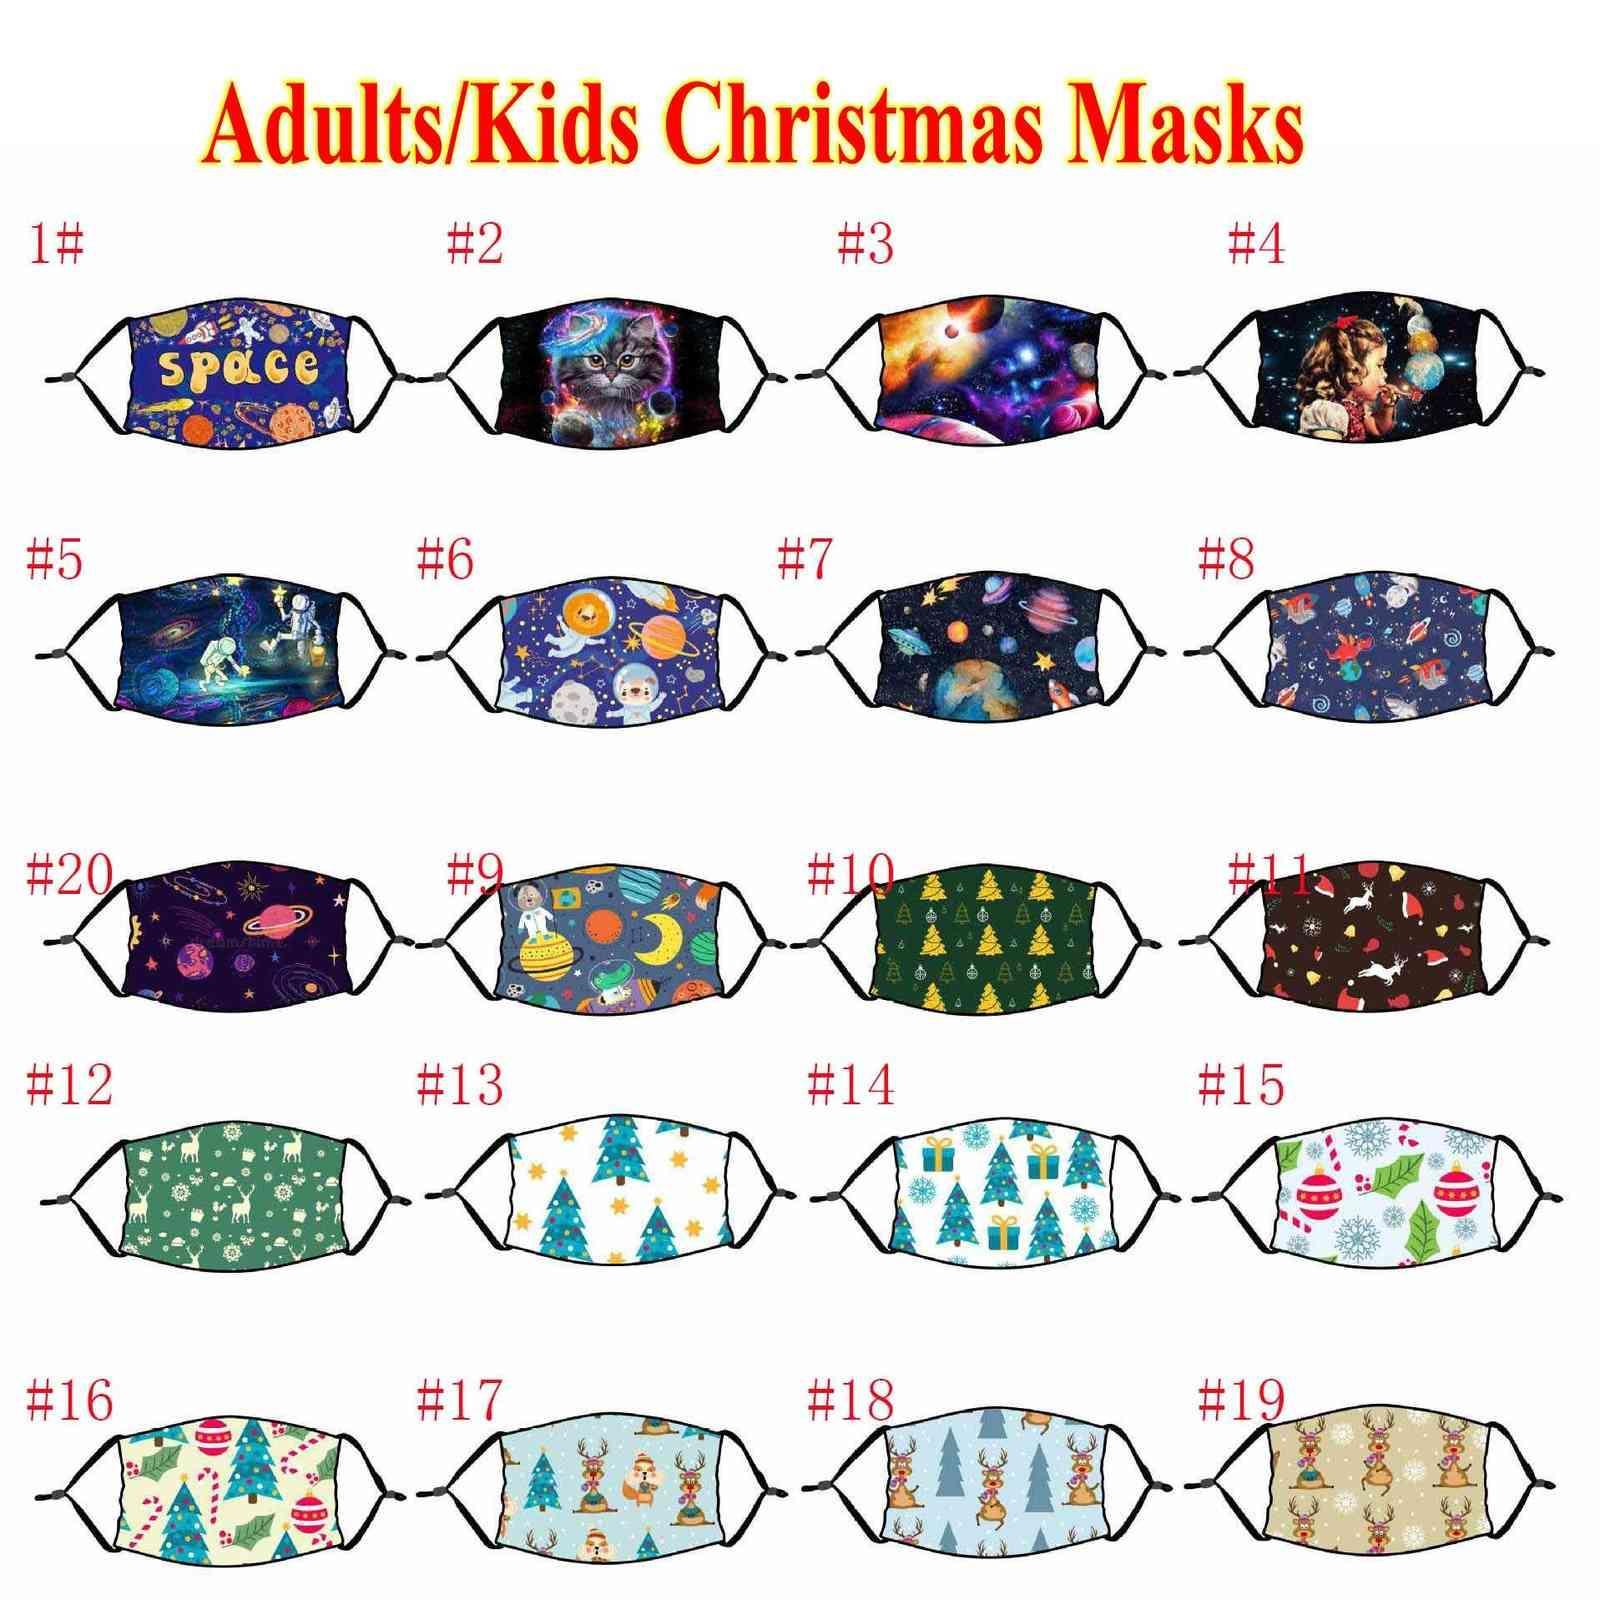 Máscaras estadounidenses 3D Moda Navidad Impresión de la Navidad Party Adultos Niños Mascarillas Cara Lavable Cotonera Reutilizable Anti-polvo Cubierta con filtro FY4260